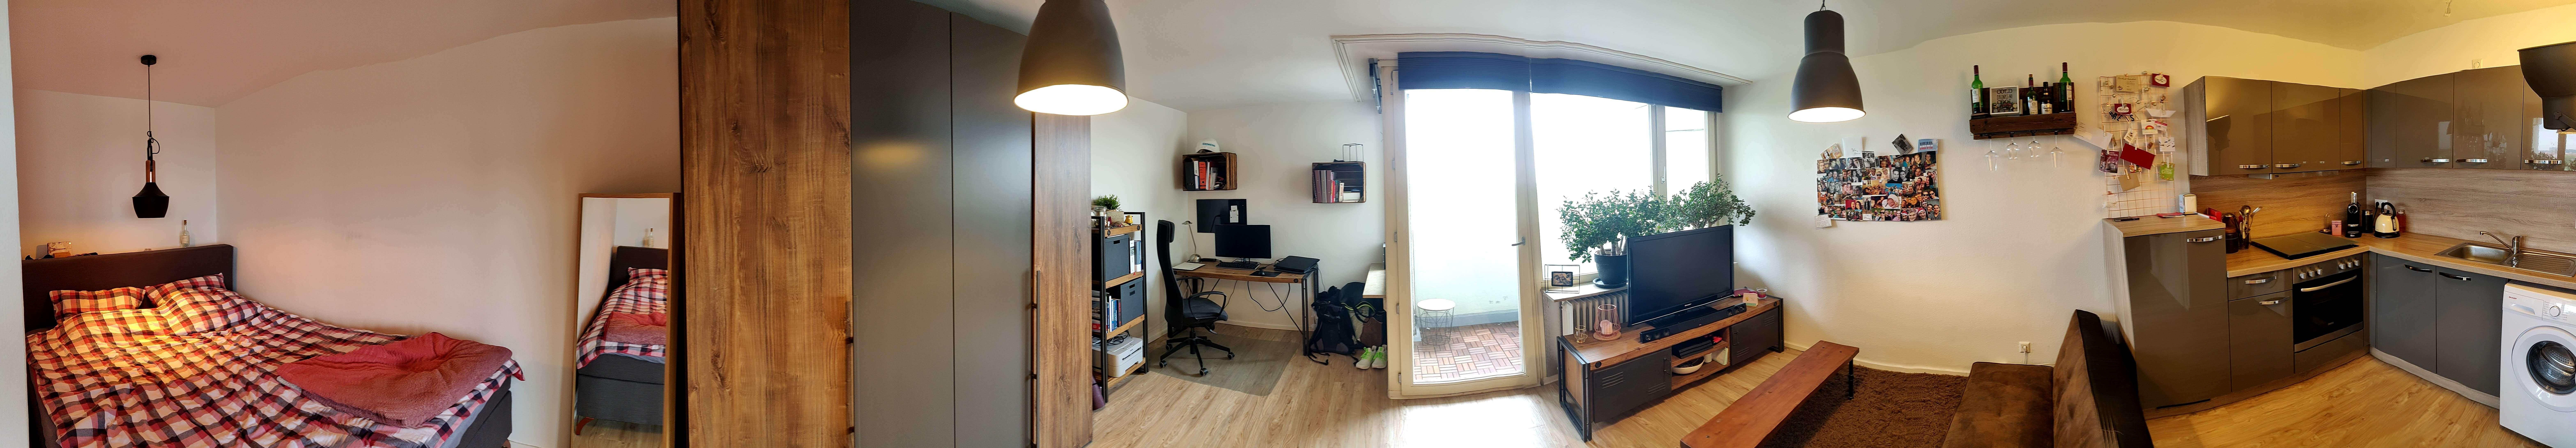 Schöne 1-Zimmer-Wohnung mit Balkon und EBK in Erlangen